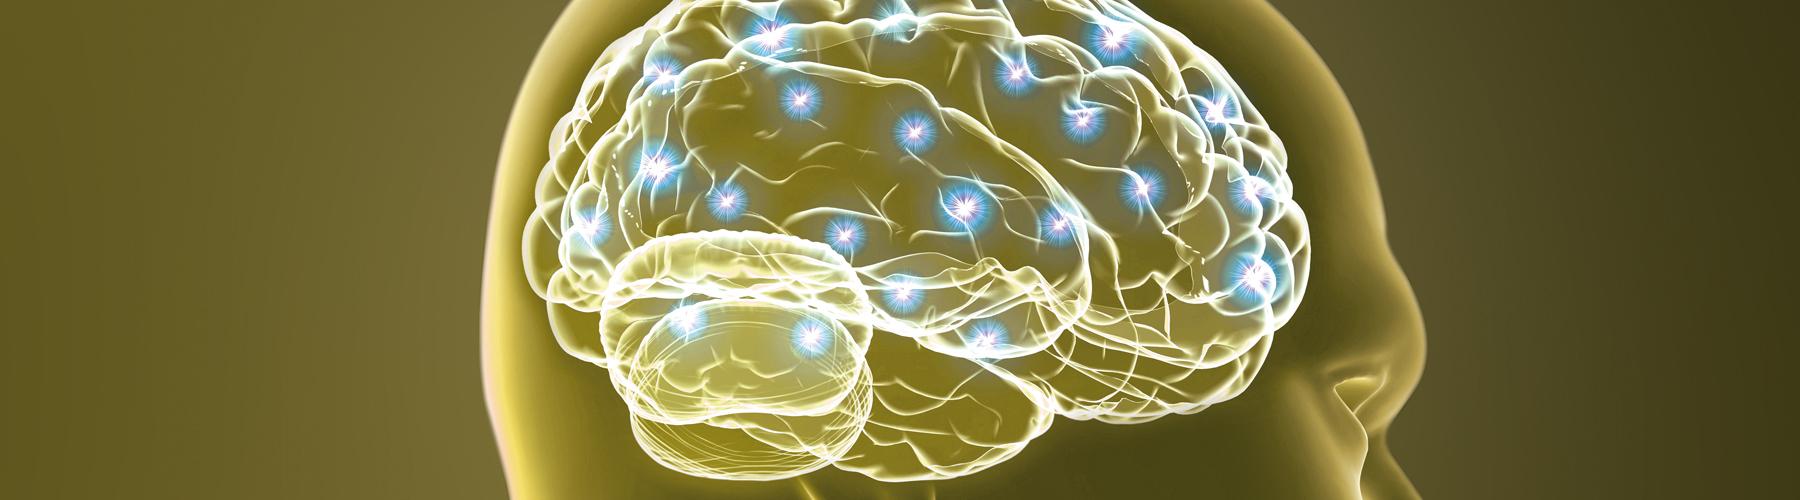 Course Image Trastornos neurológicos y neuropsiquiátricos